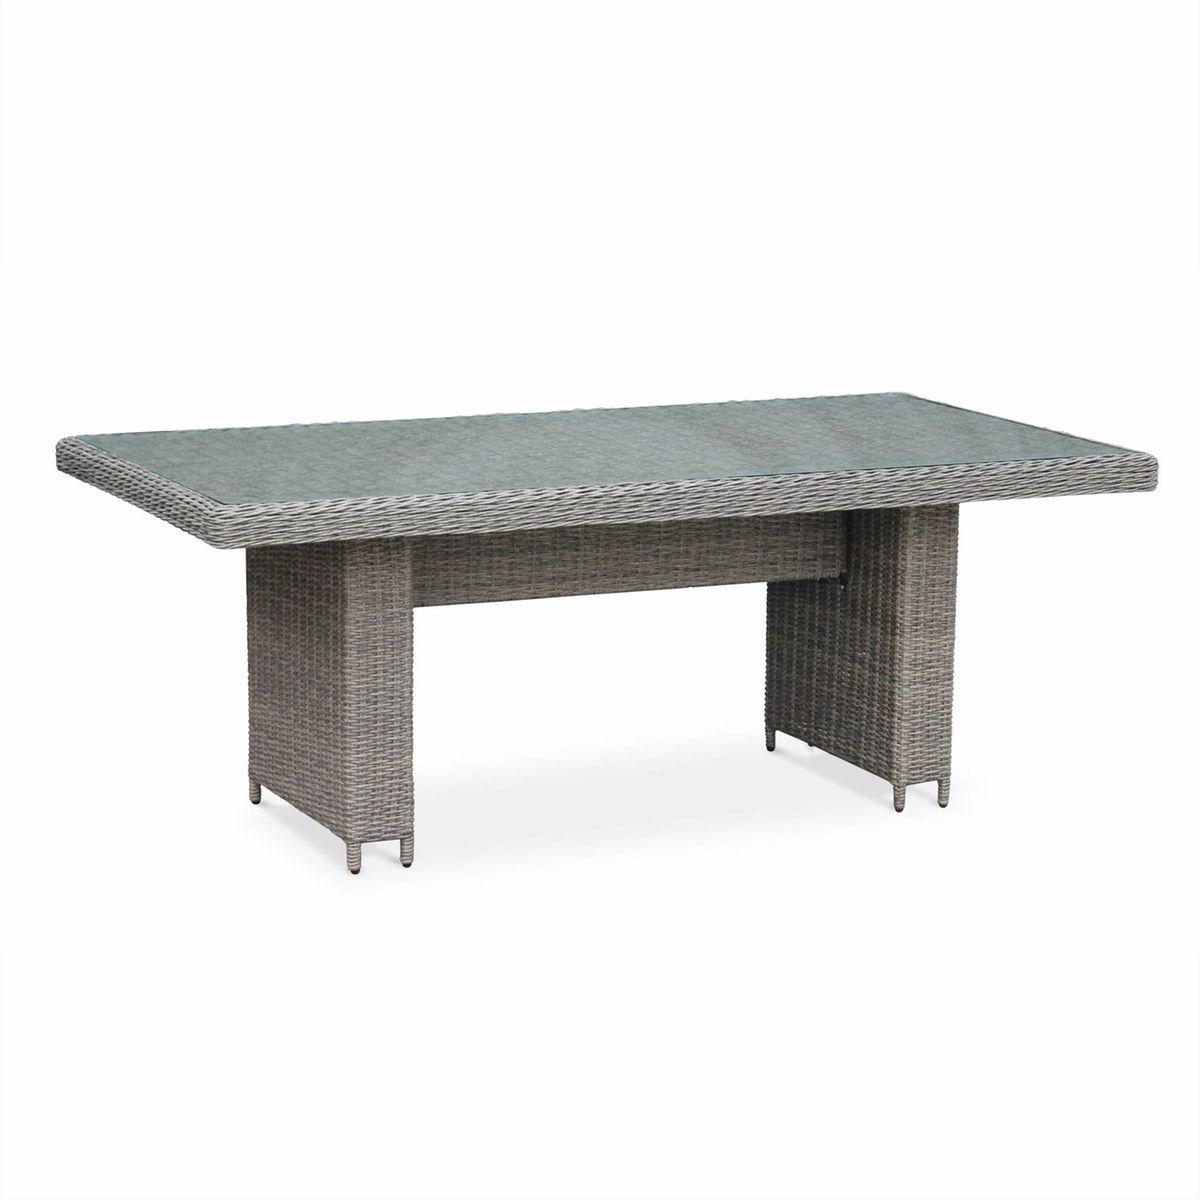 Table de jardin 6 places en résine tressée arrondie - lecco gris ...